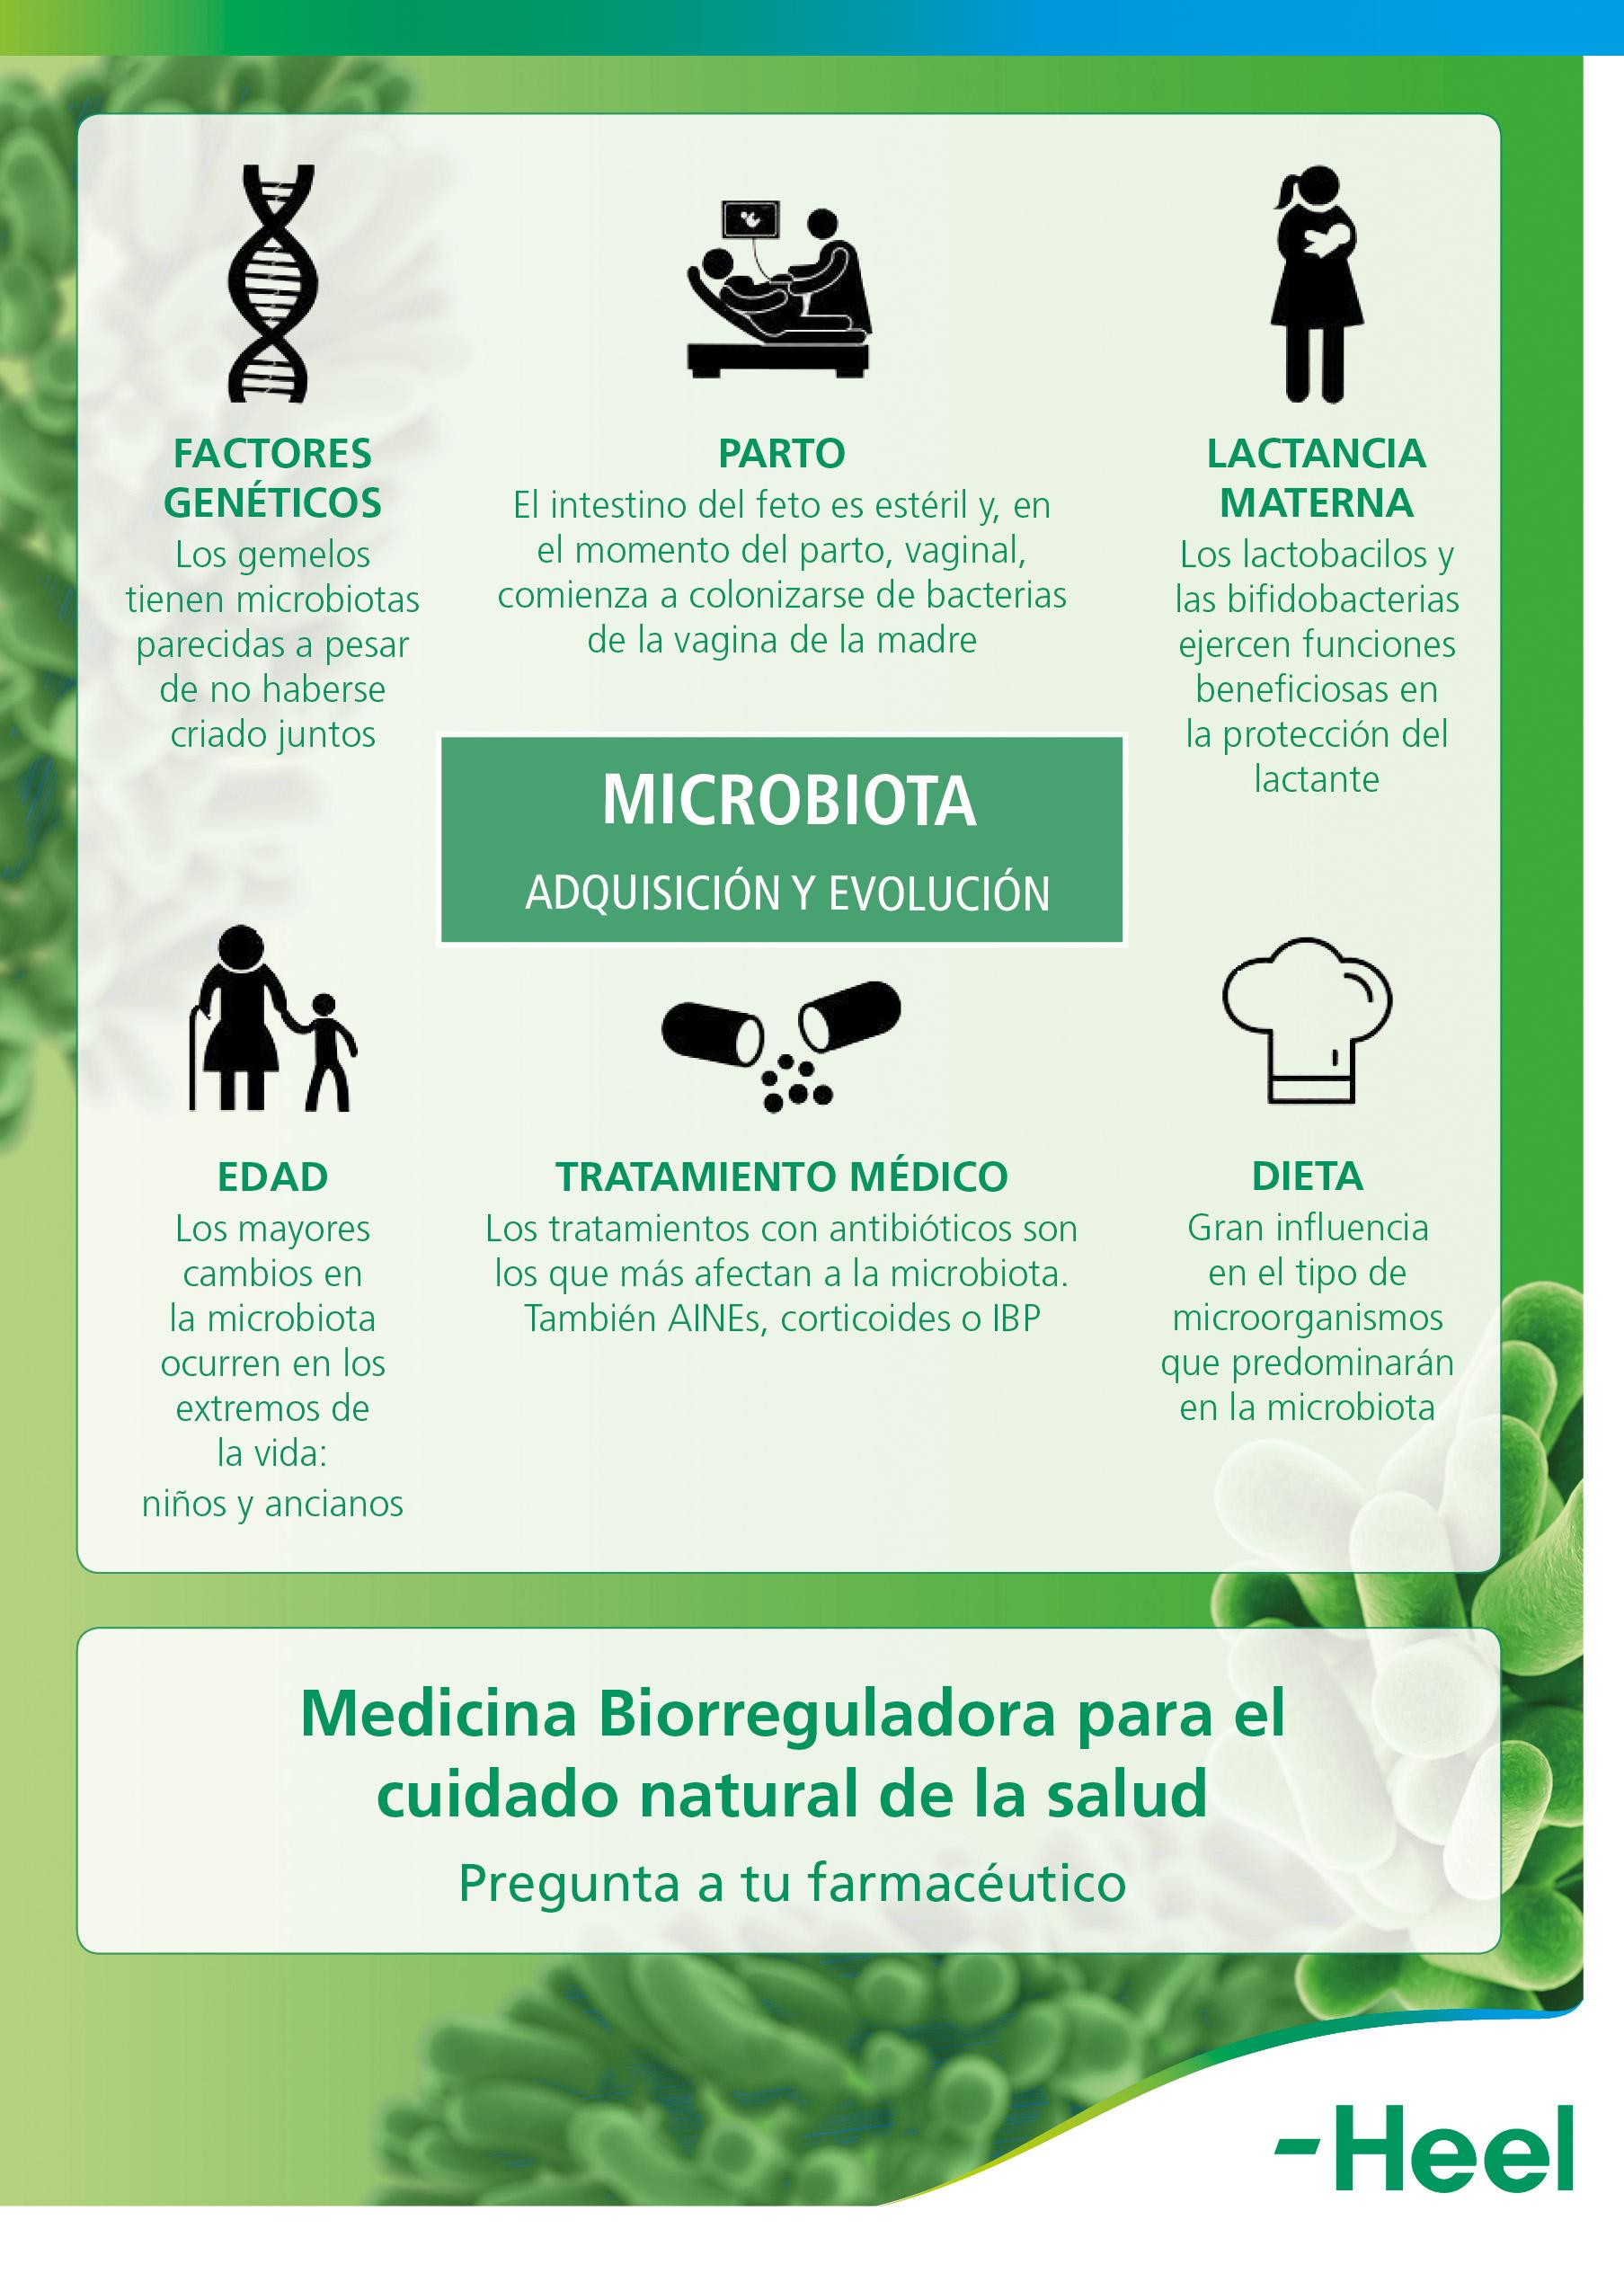 microbiota-adquisicion-evolucion